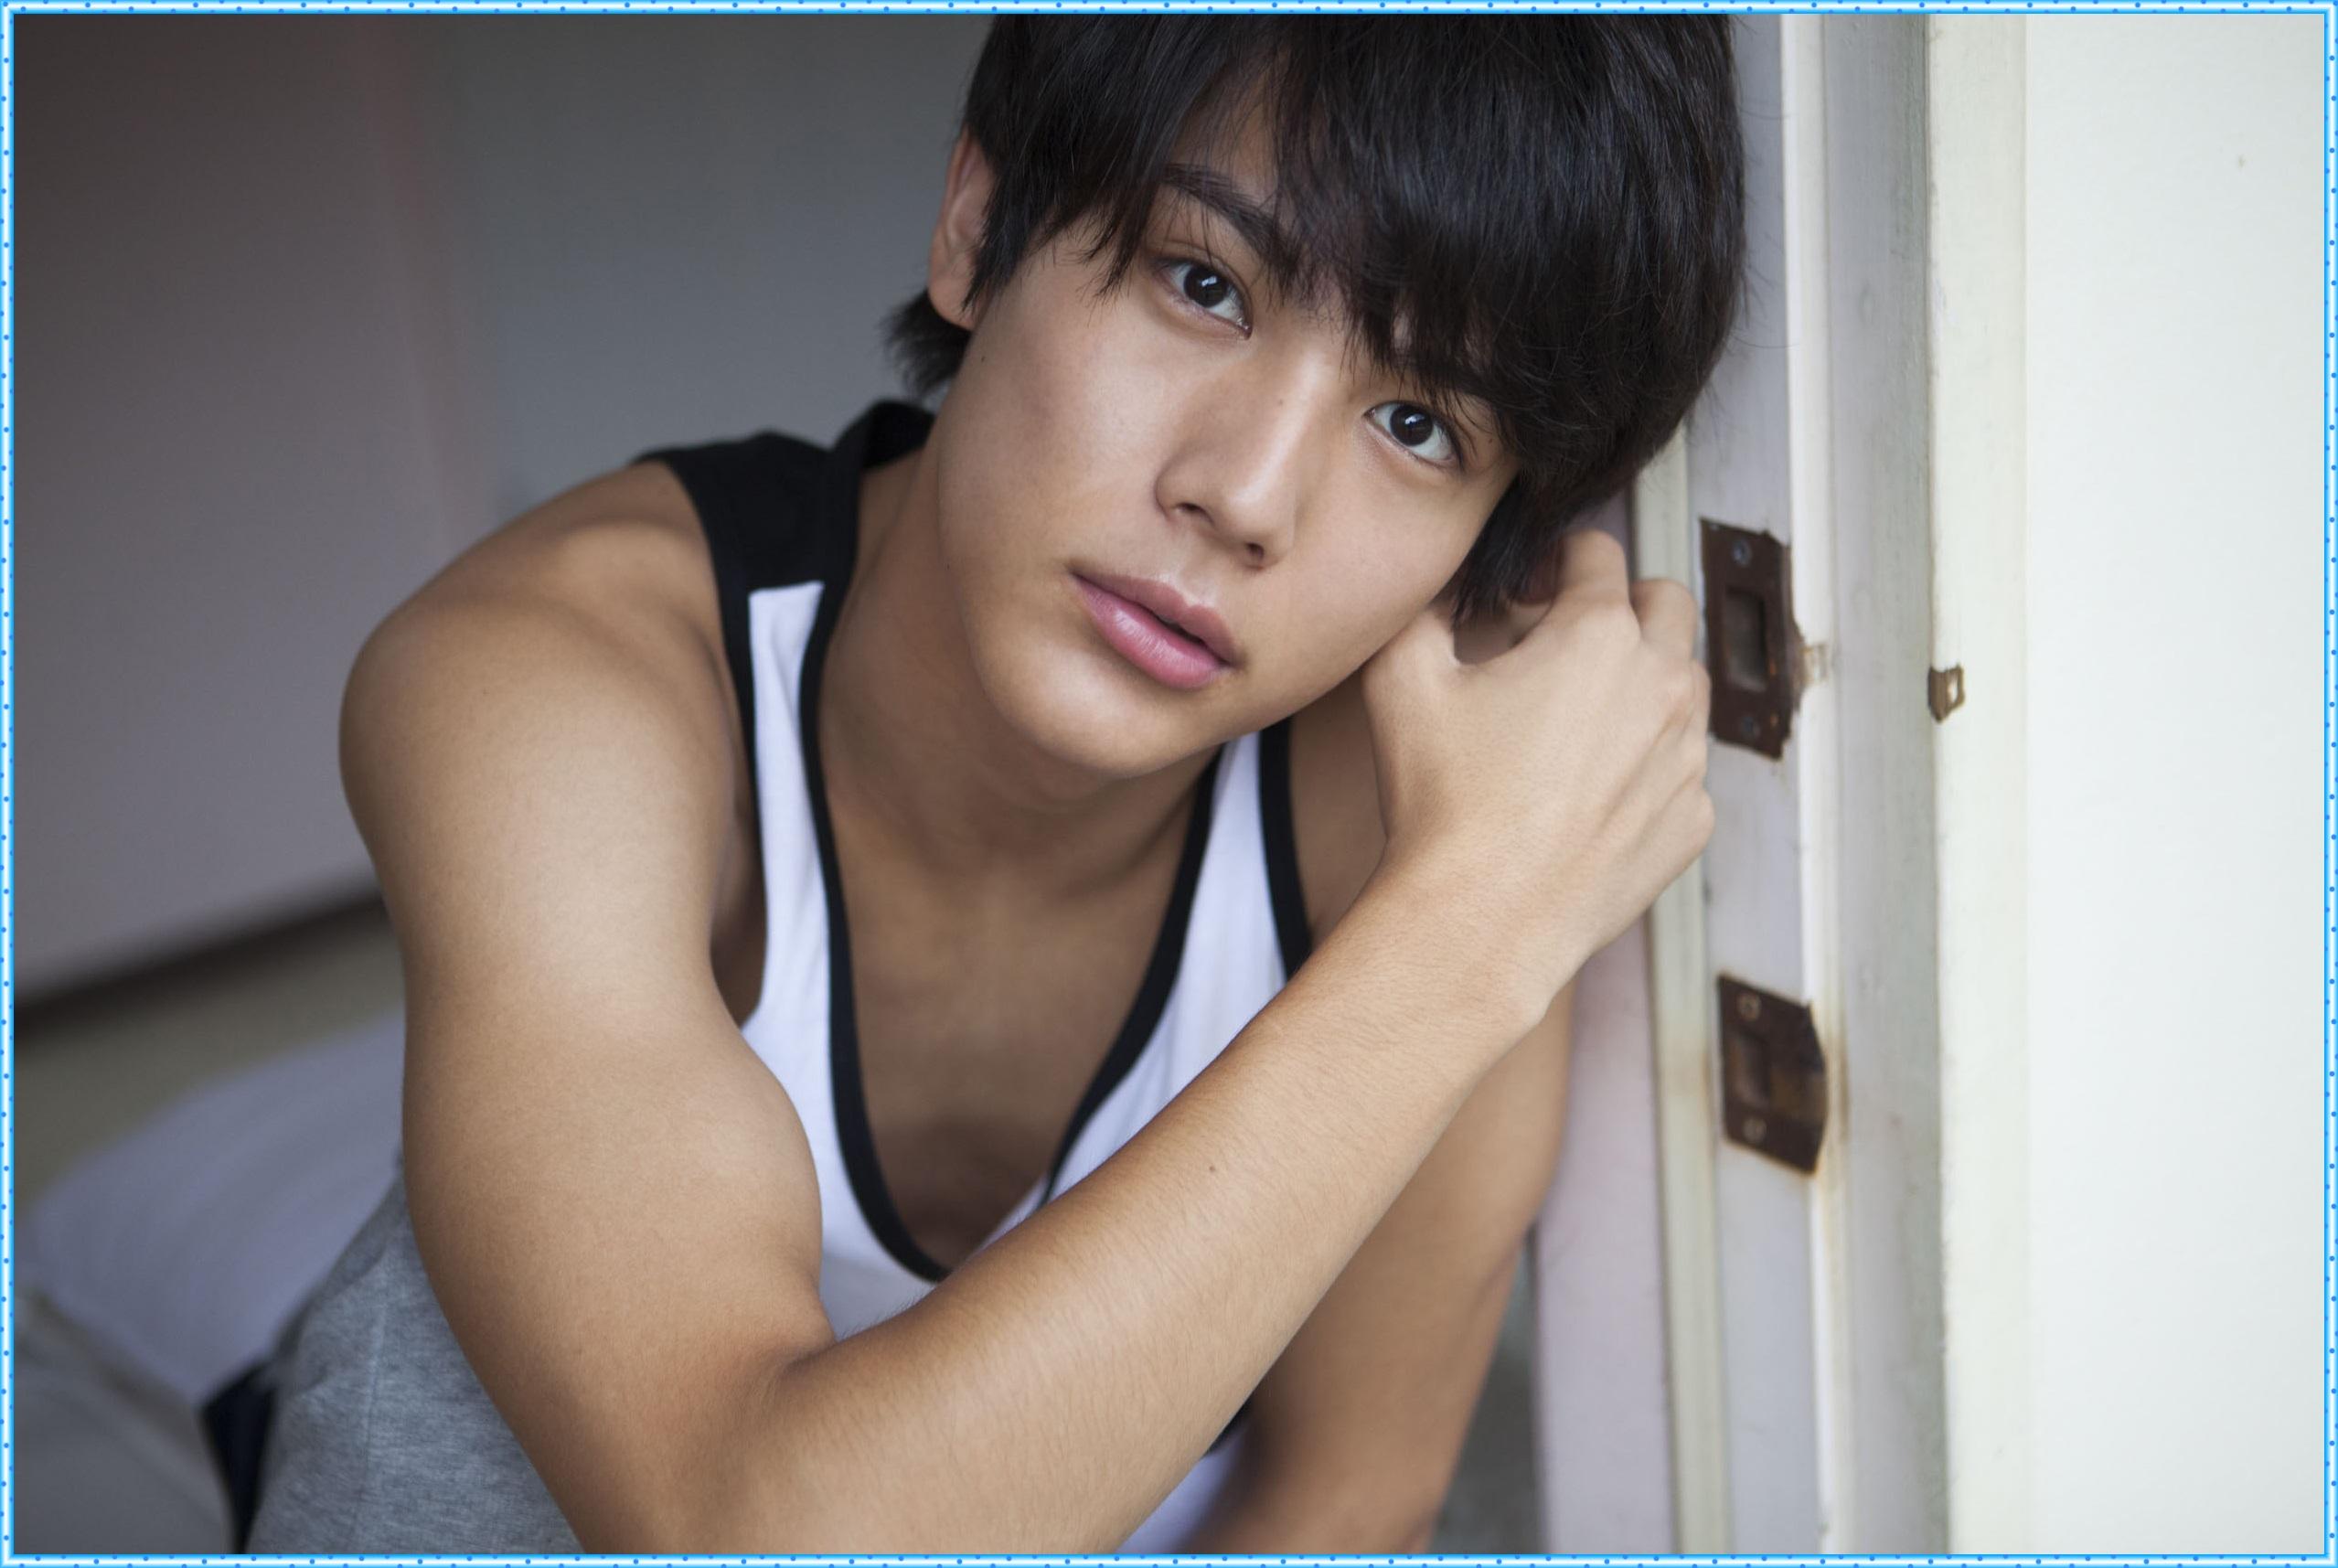 中川大志 (俳優)の画像 p1_26